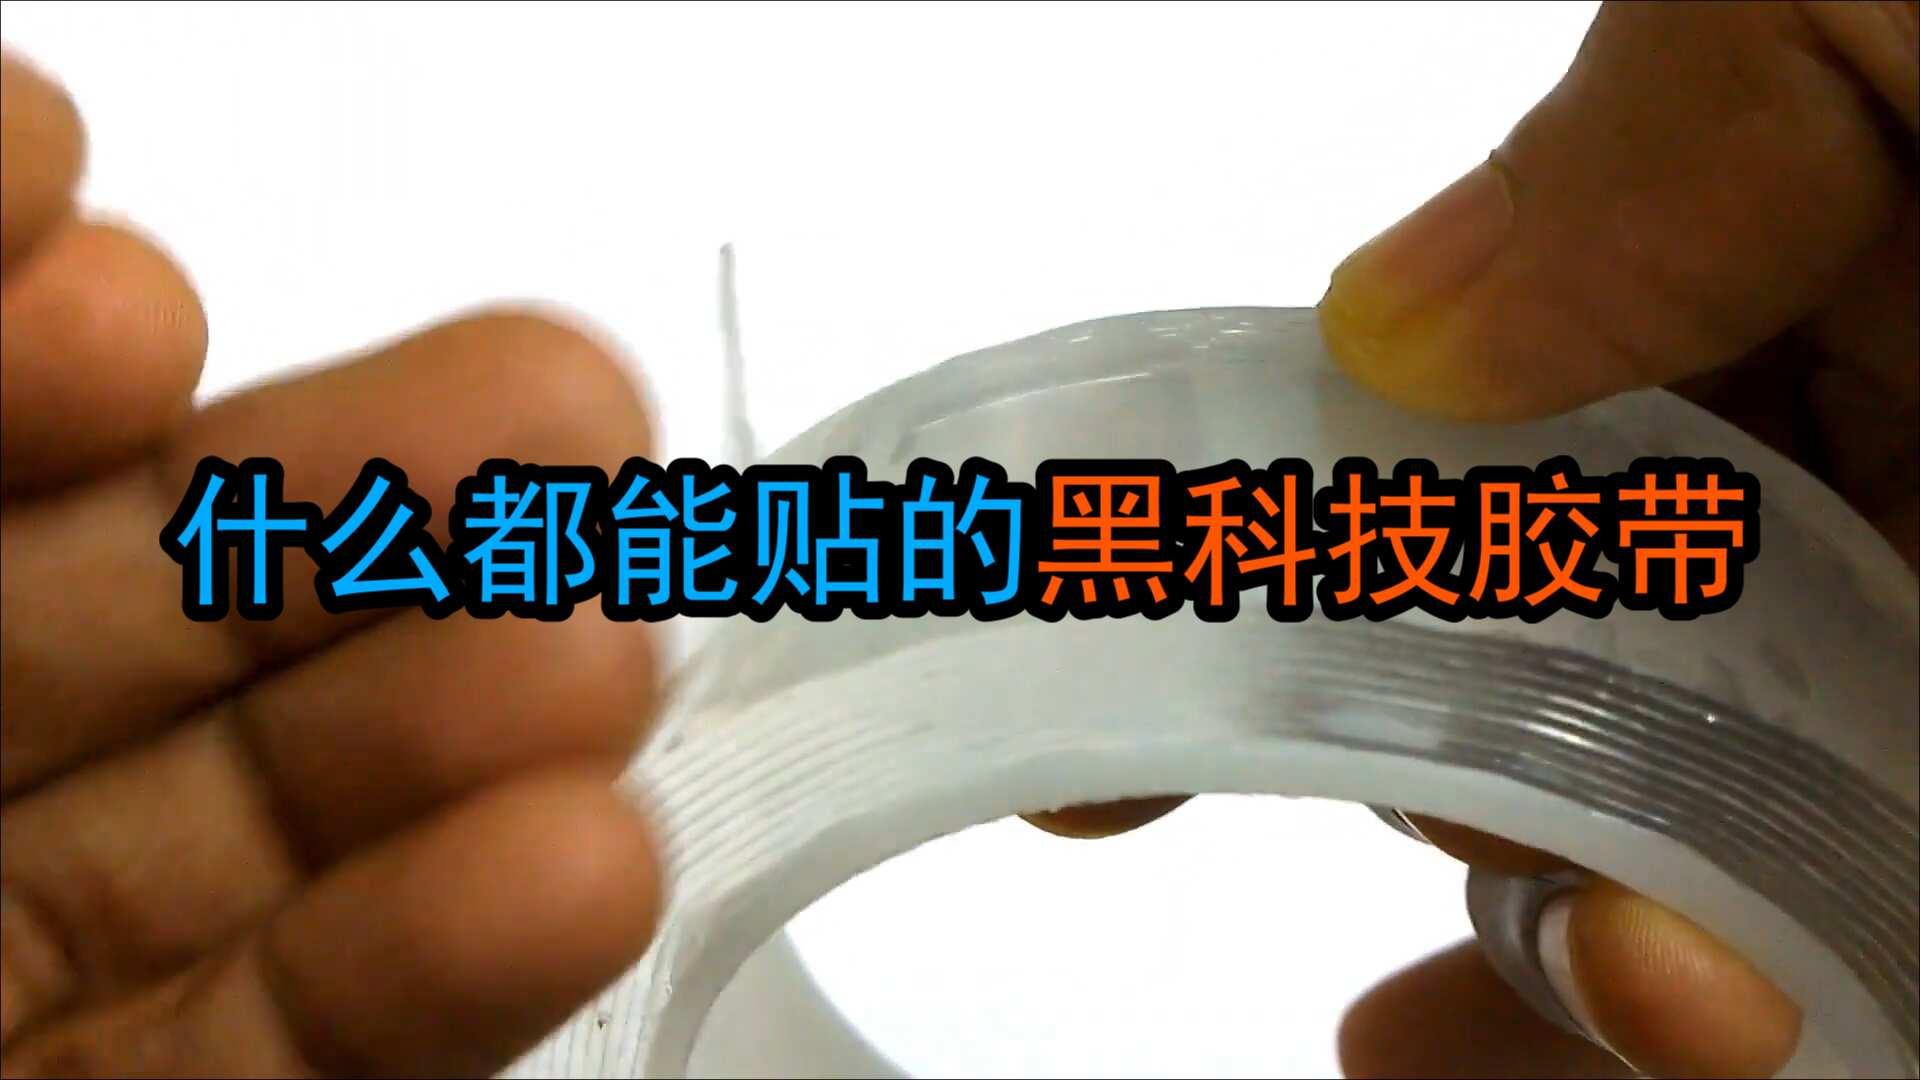 撕后不留痕,能重复用的黑科技胶带!